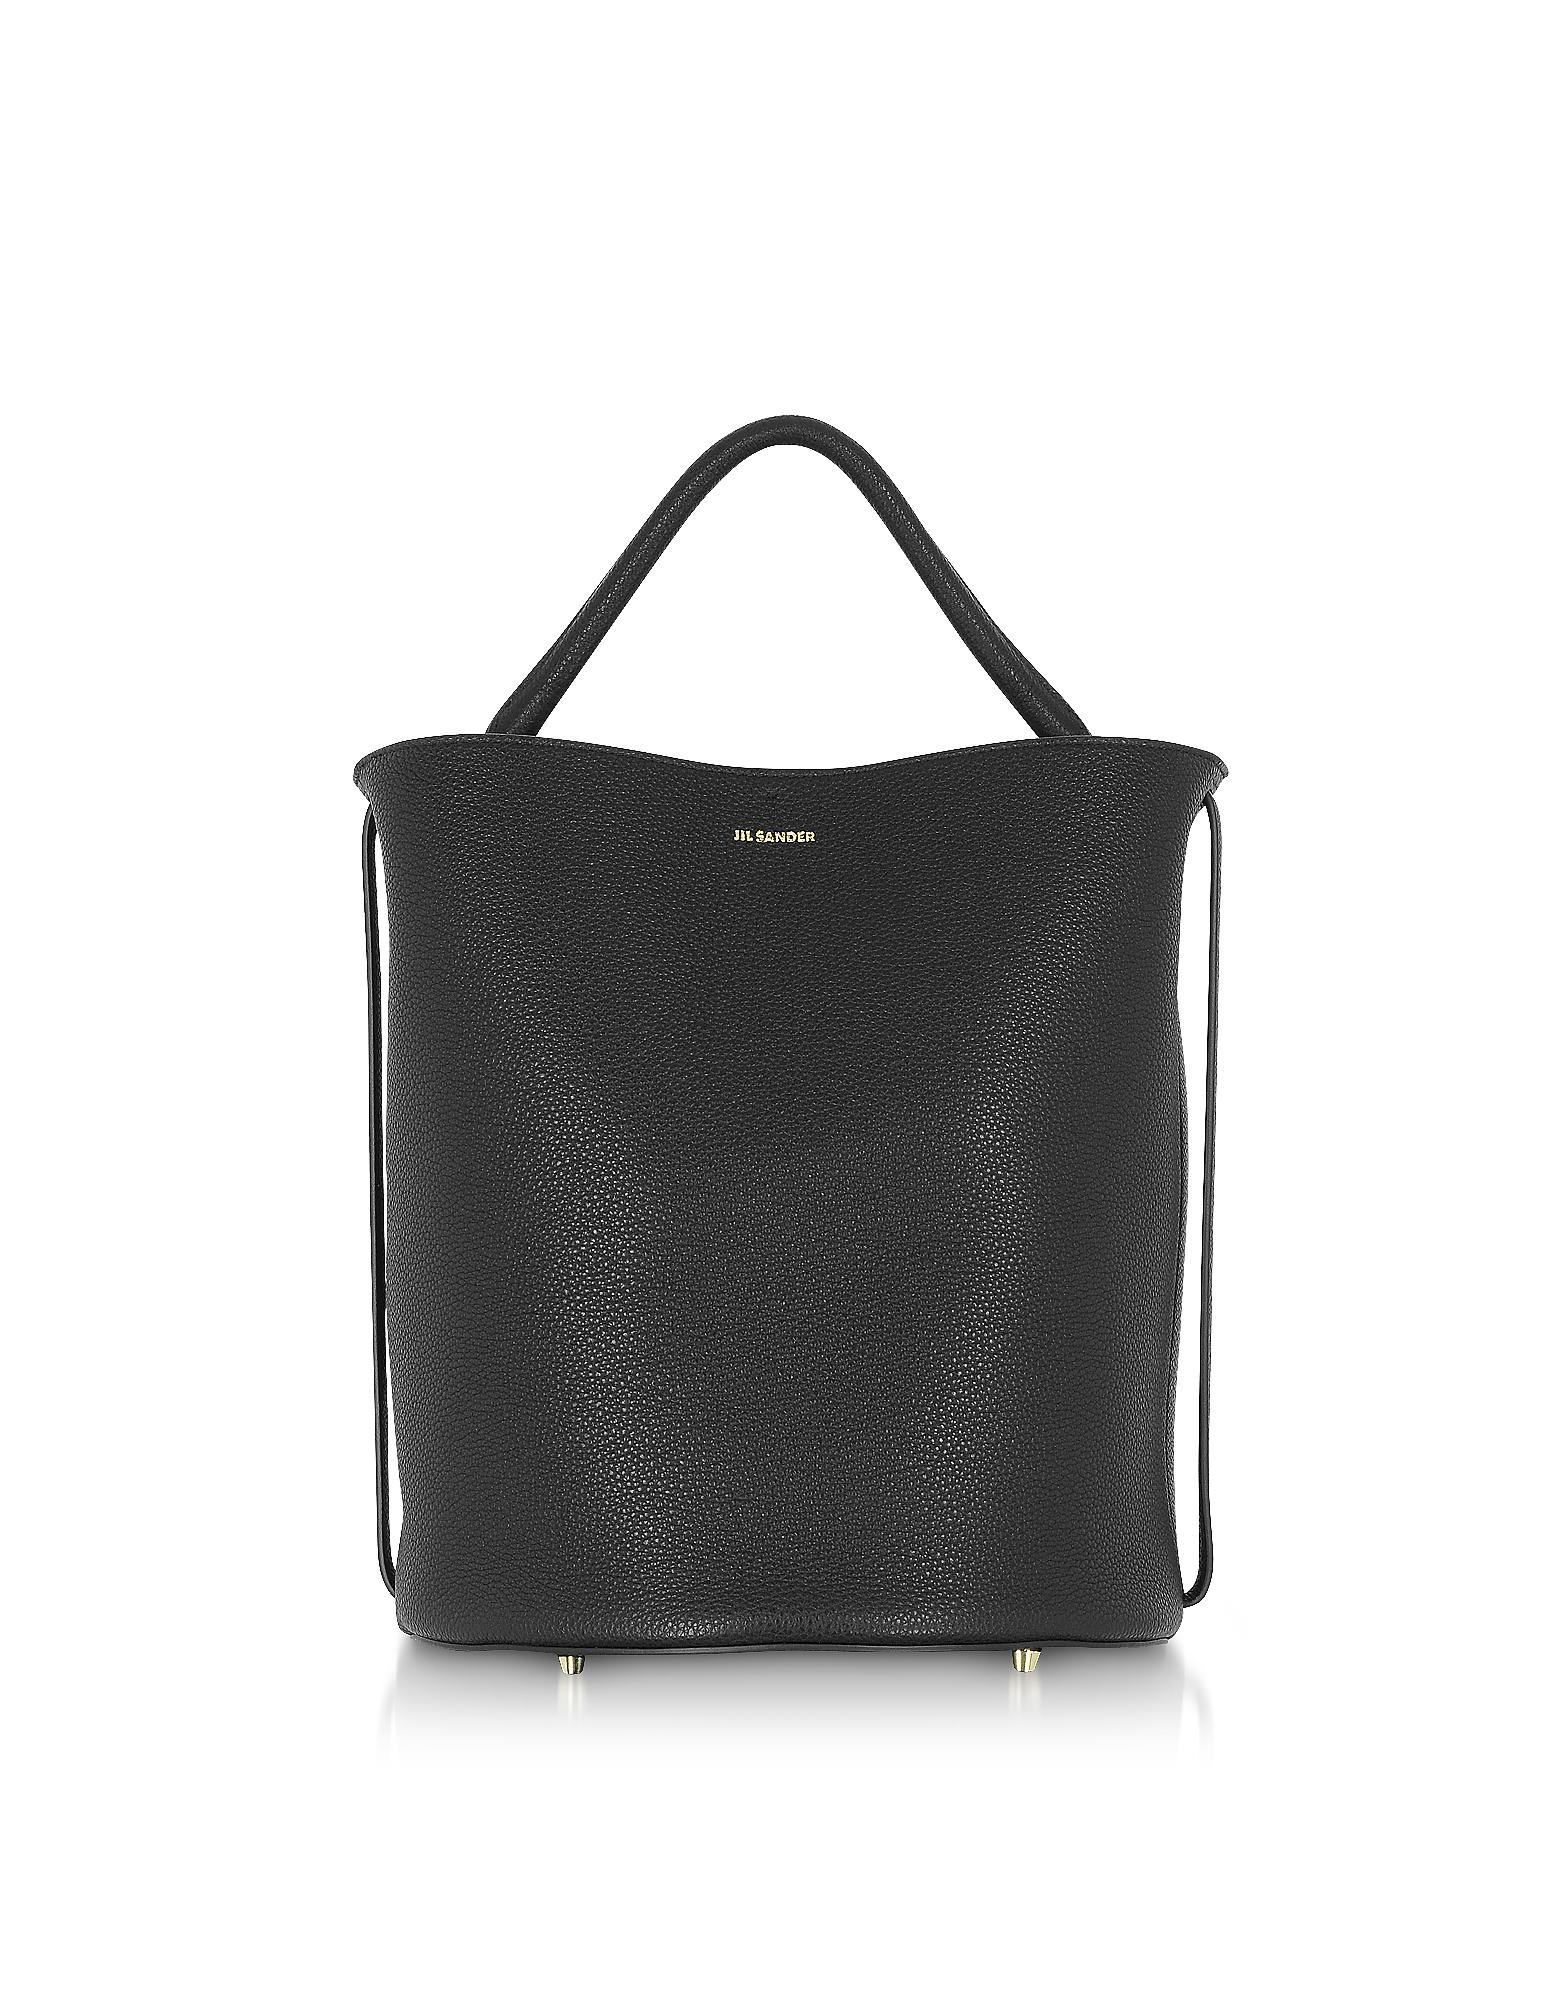 Image of Jil Sander Designer Handbags, Black Large Leather Bucket Bag